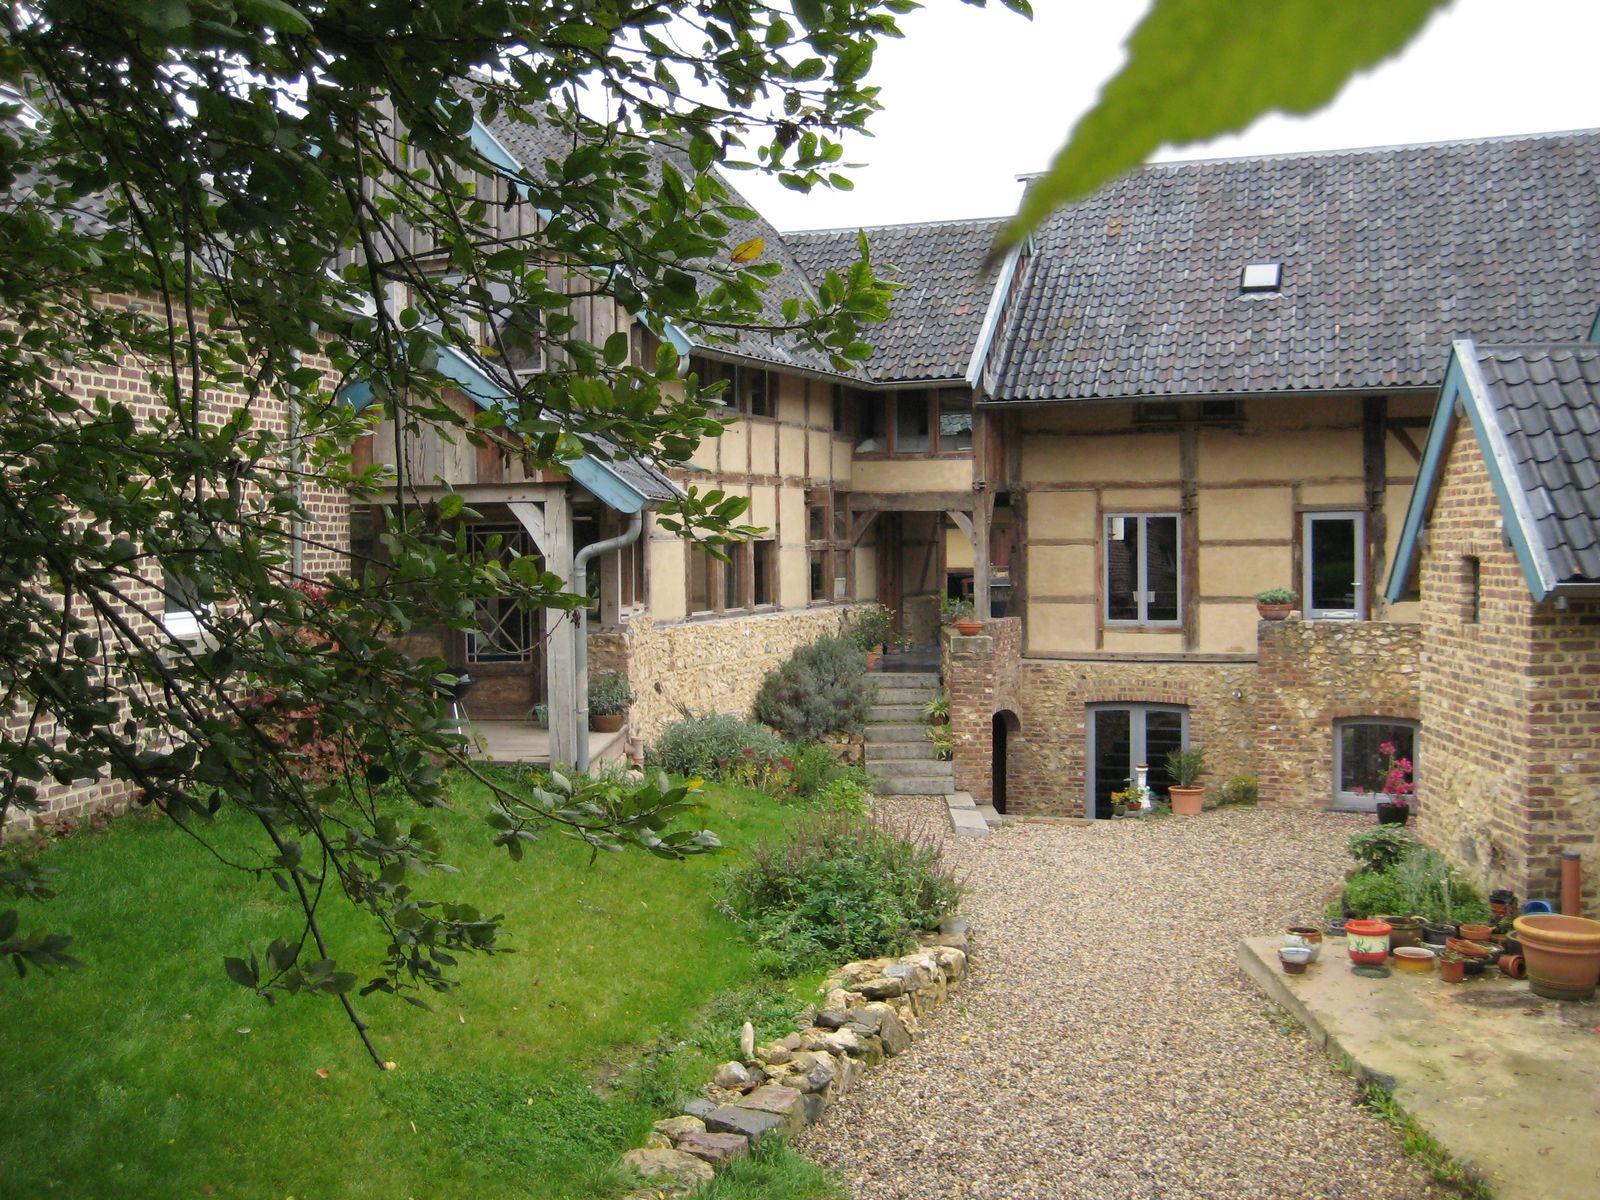 Afbeelding van Vakwerkhuis Oude Huis - vakantiehuis bij Maastricht, Aken, Luik